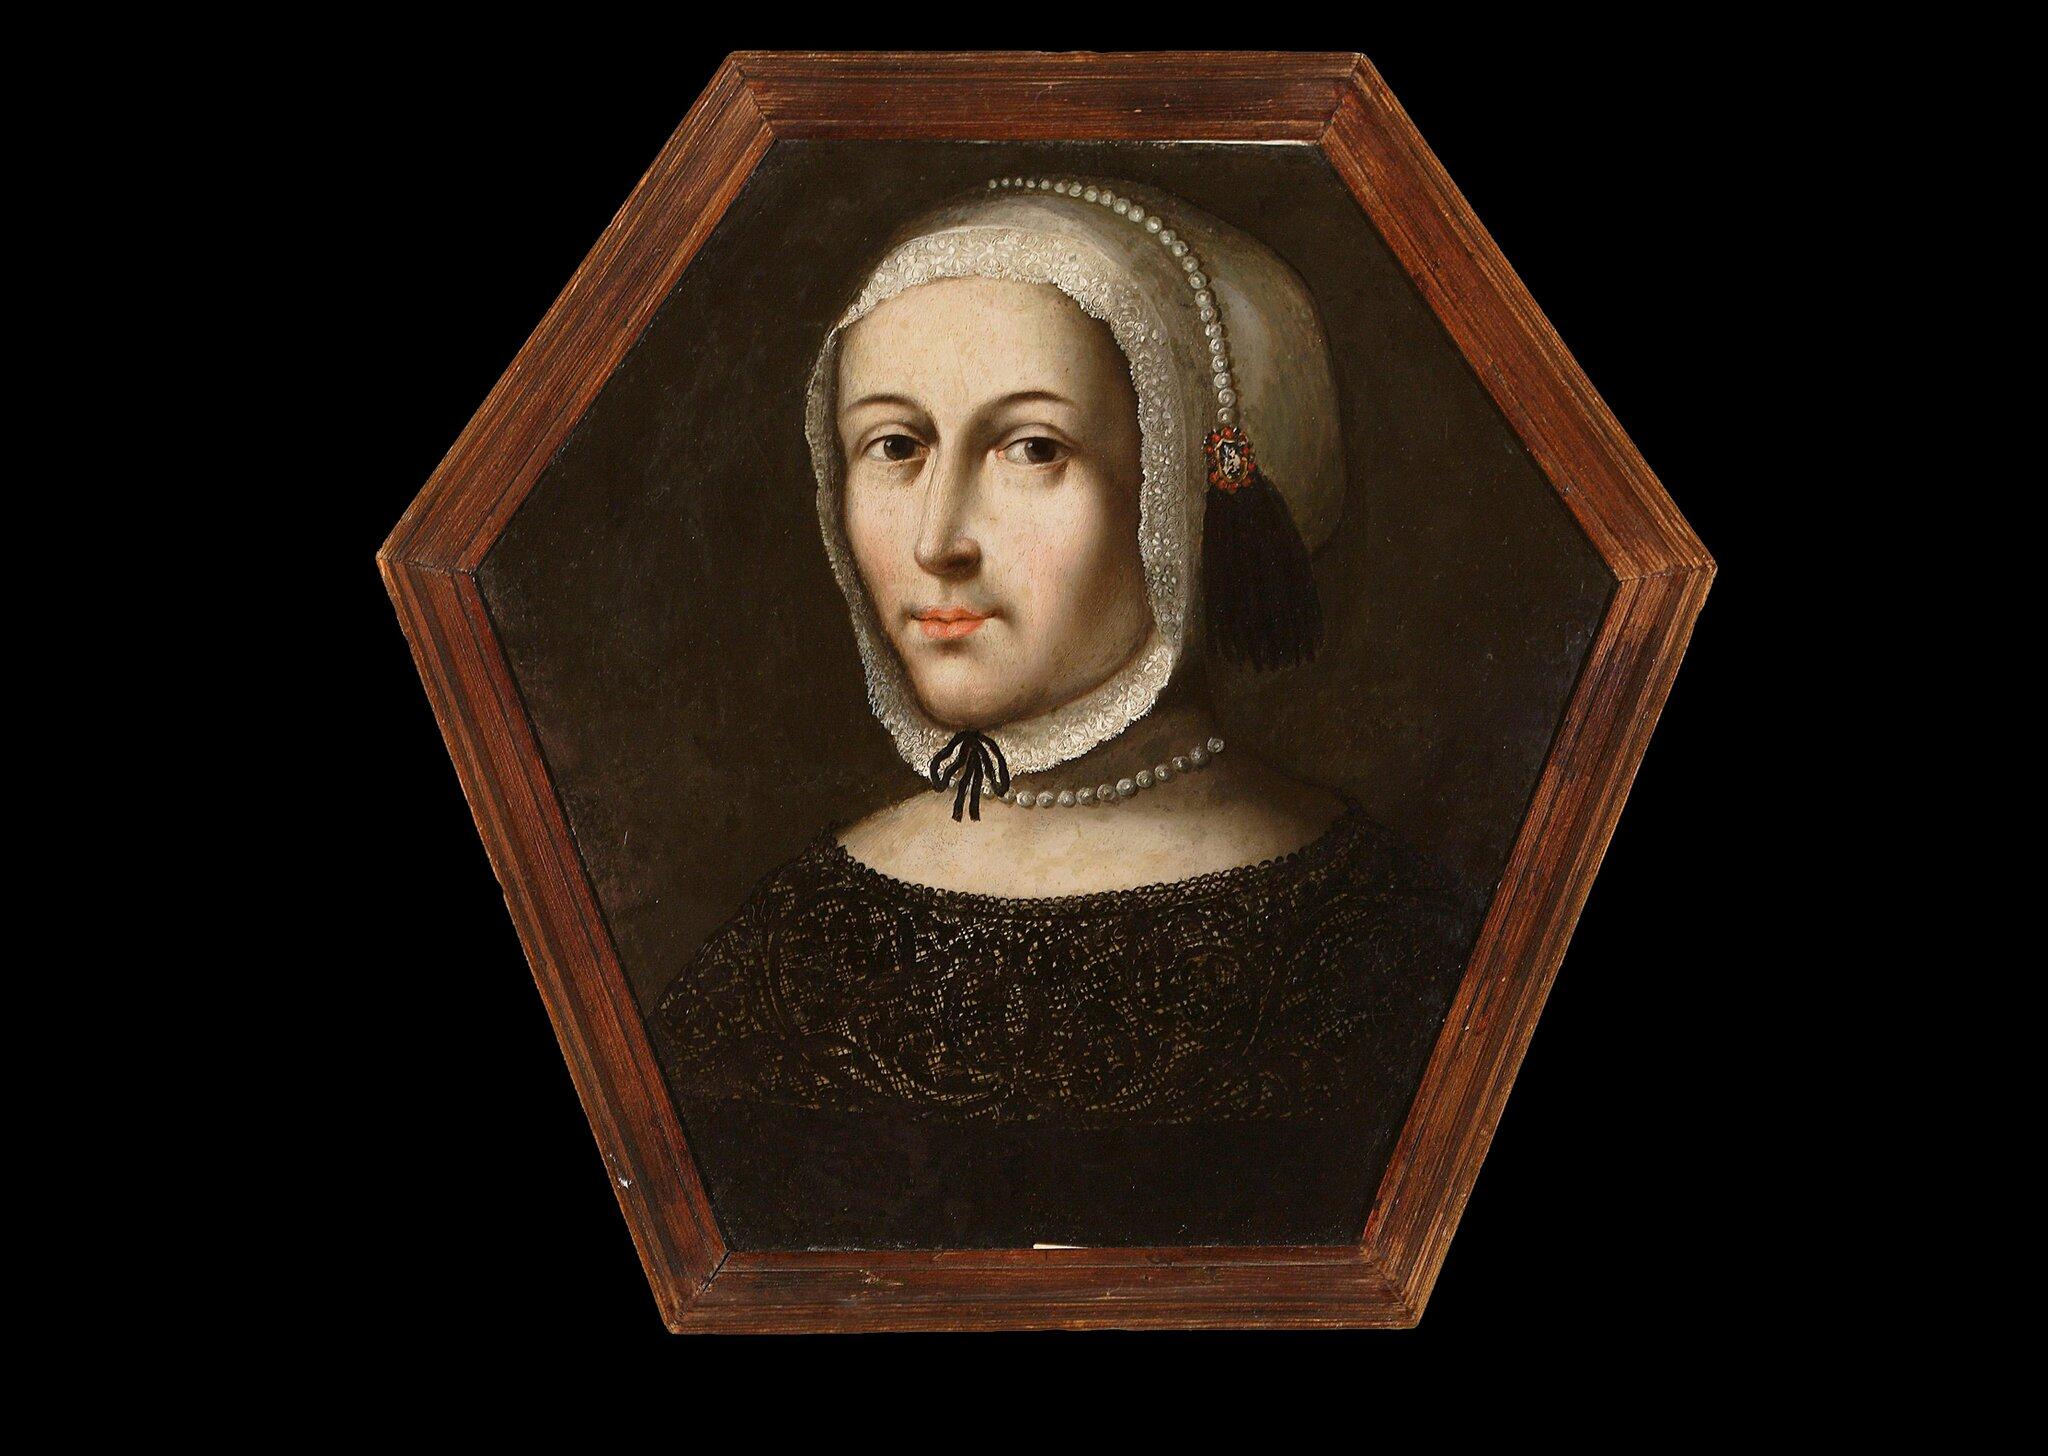 Portret trumienny kobiety wbiałym czepku Źródło: autor nieznany, Portret trumienny kobiety wbiałym czepku, ok. 1670-1680, Muzeum Narodowe wWarszawie, domena publiczna.